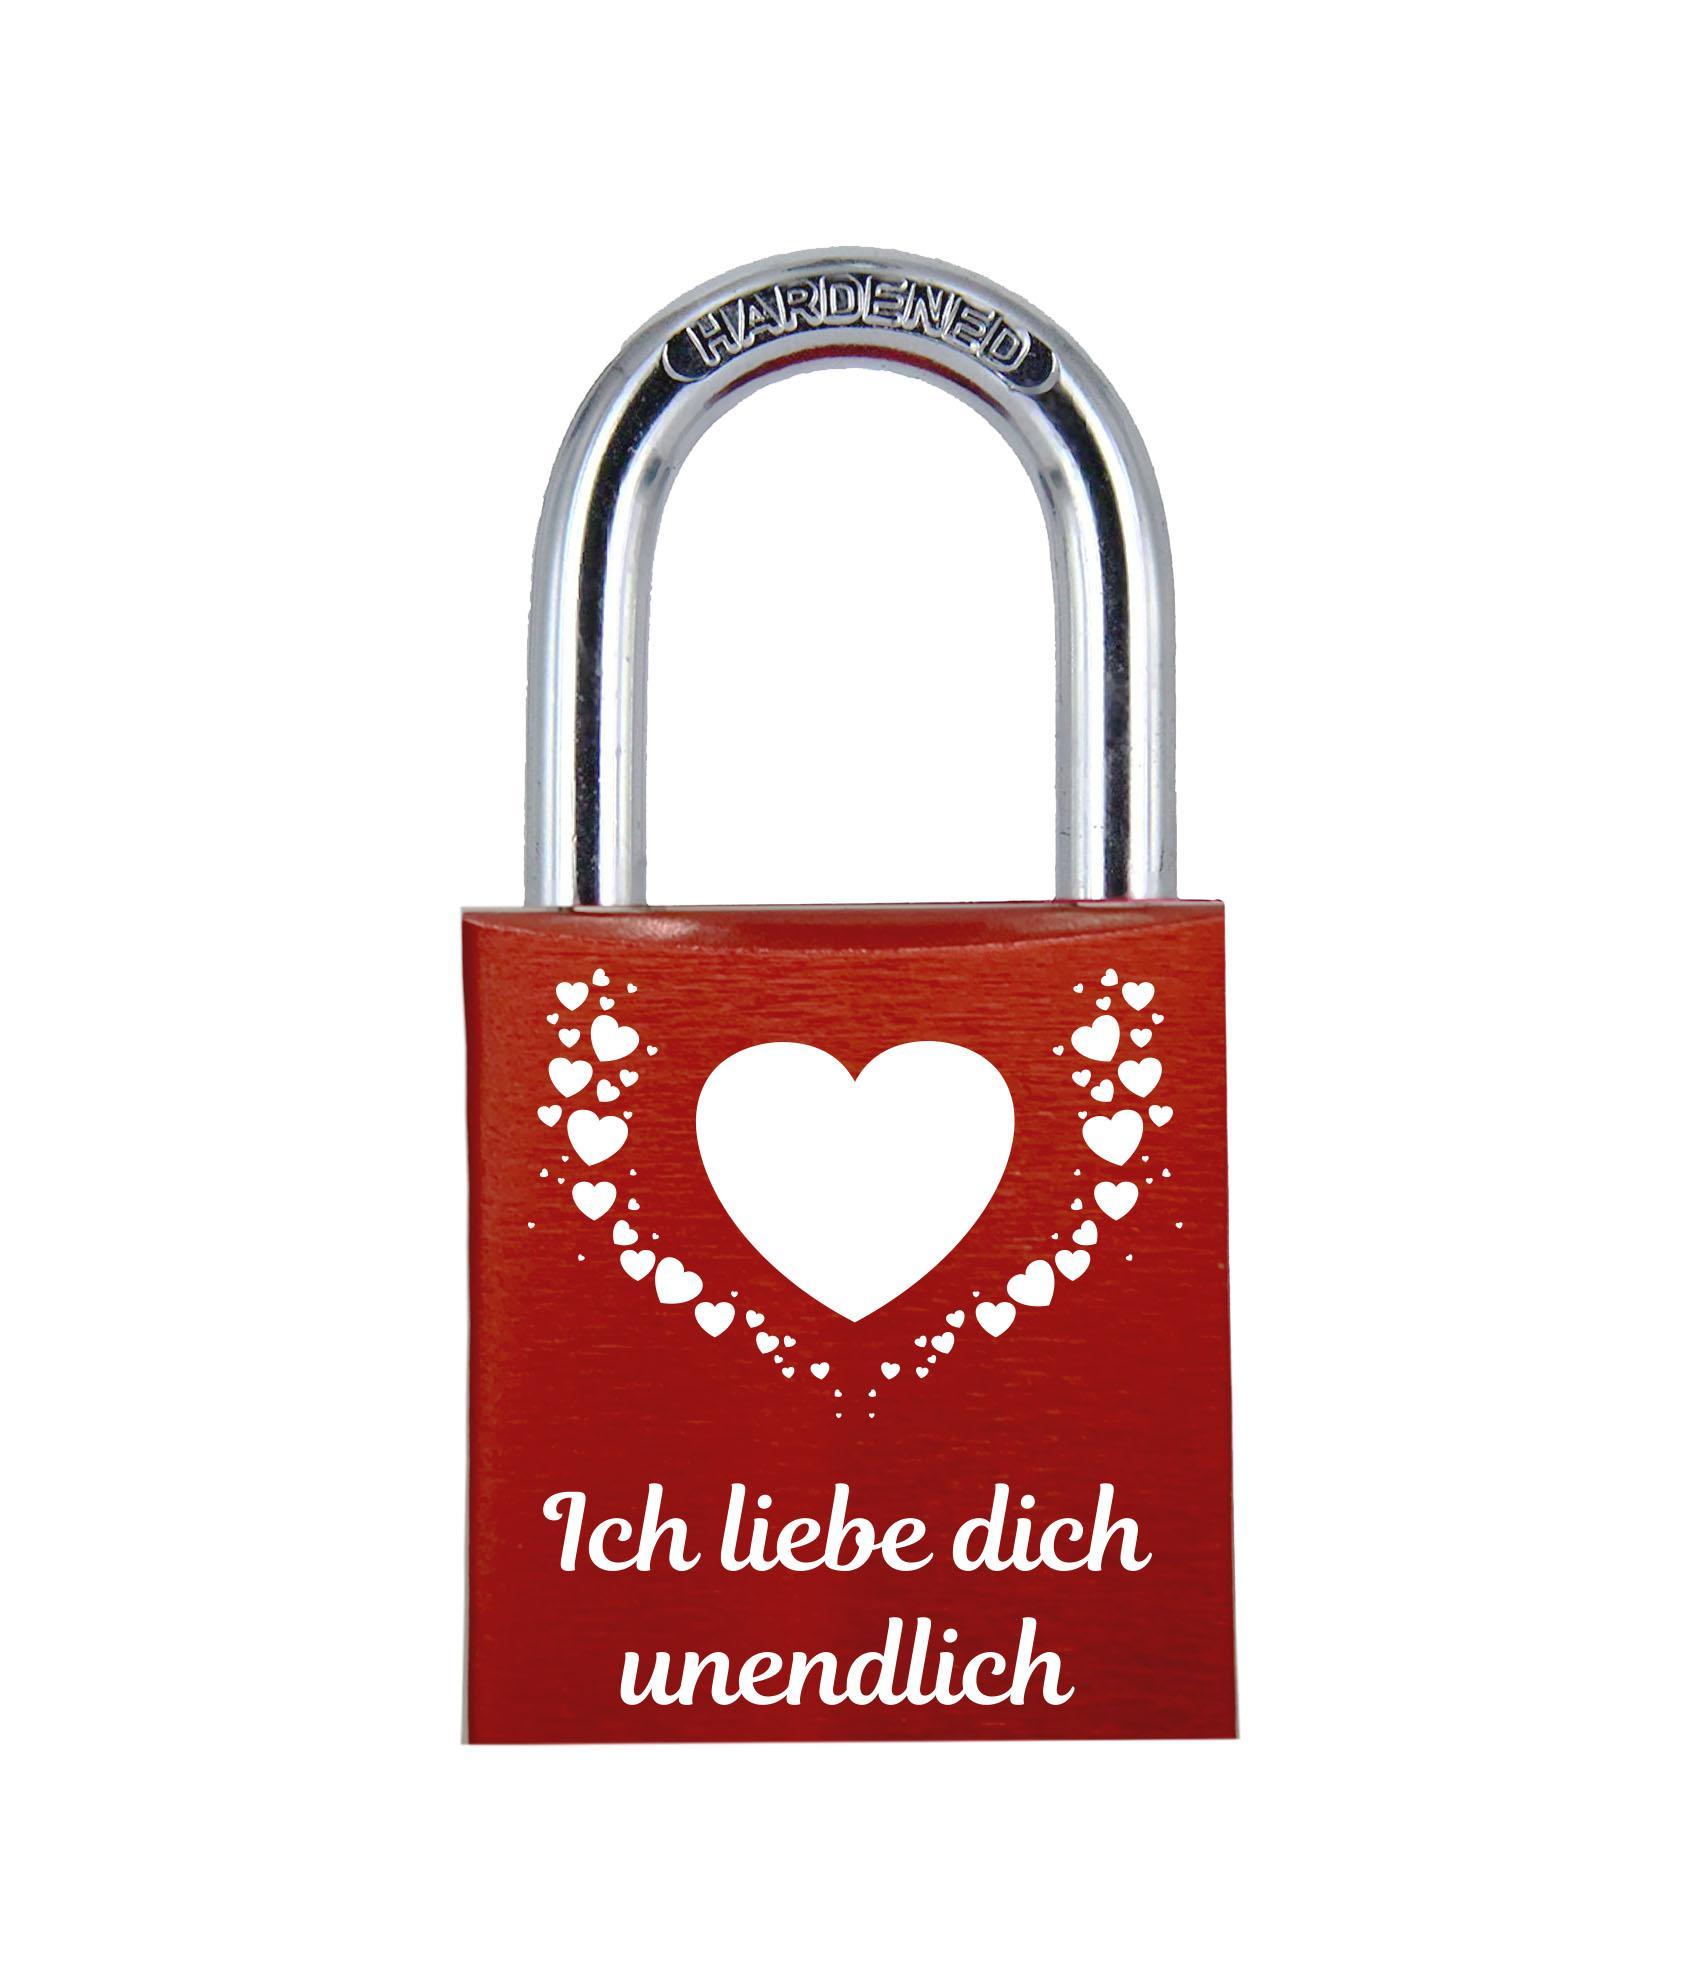 ELUNO Liebesschloss mit Text ich liebe dich unendlich und vielen Herzen graviert! Farbe: Rot Motiv: M015